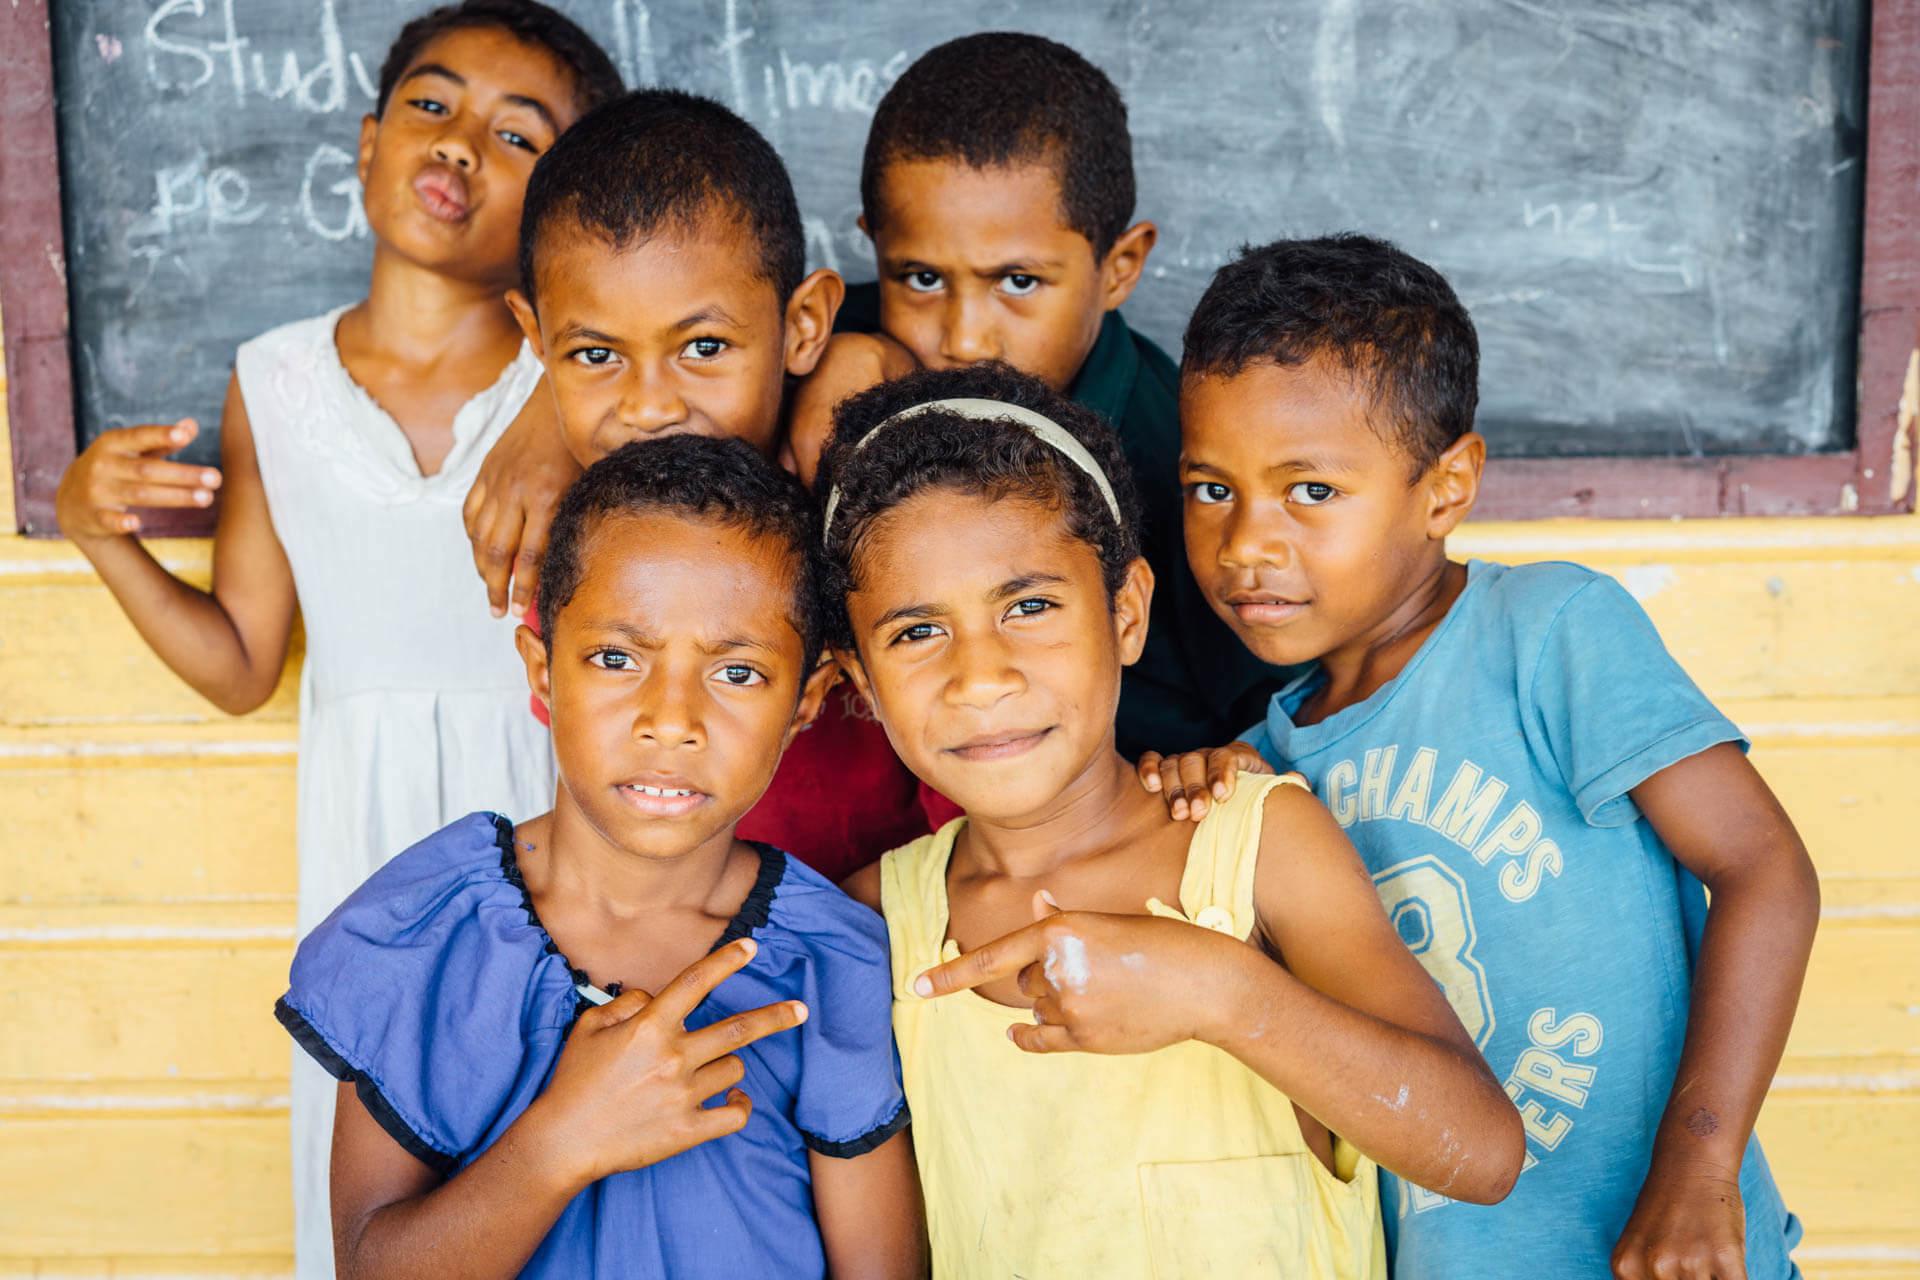 Enfants fidjiens